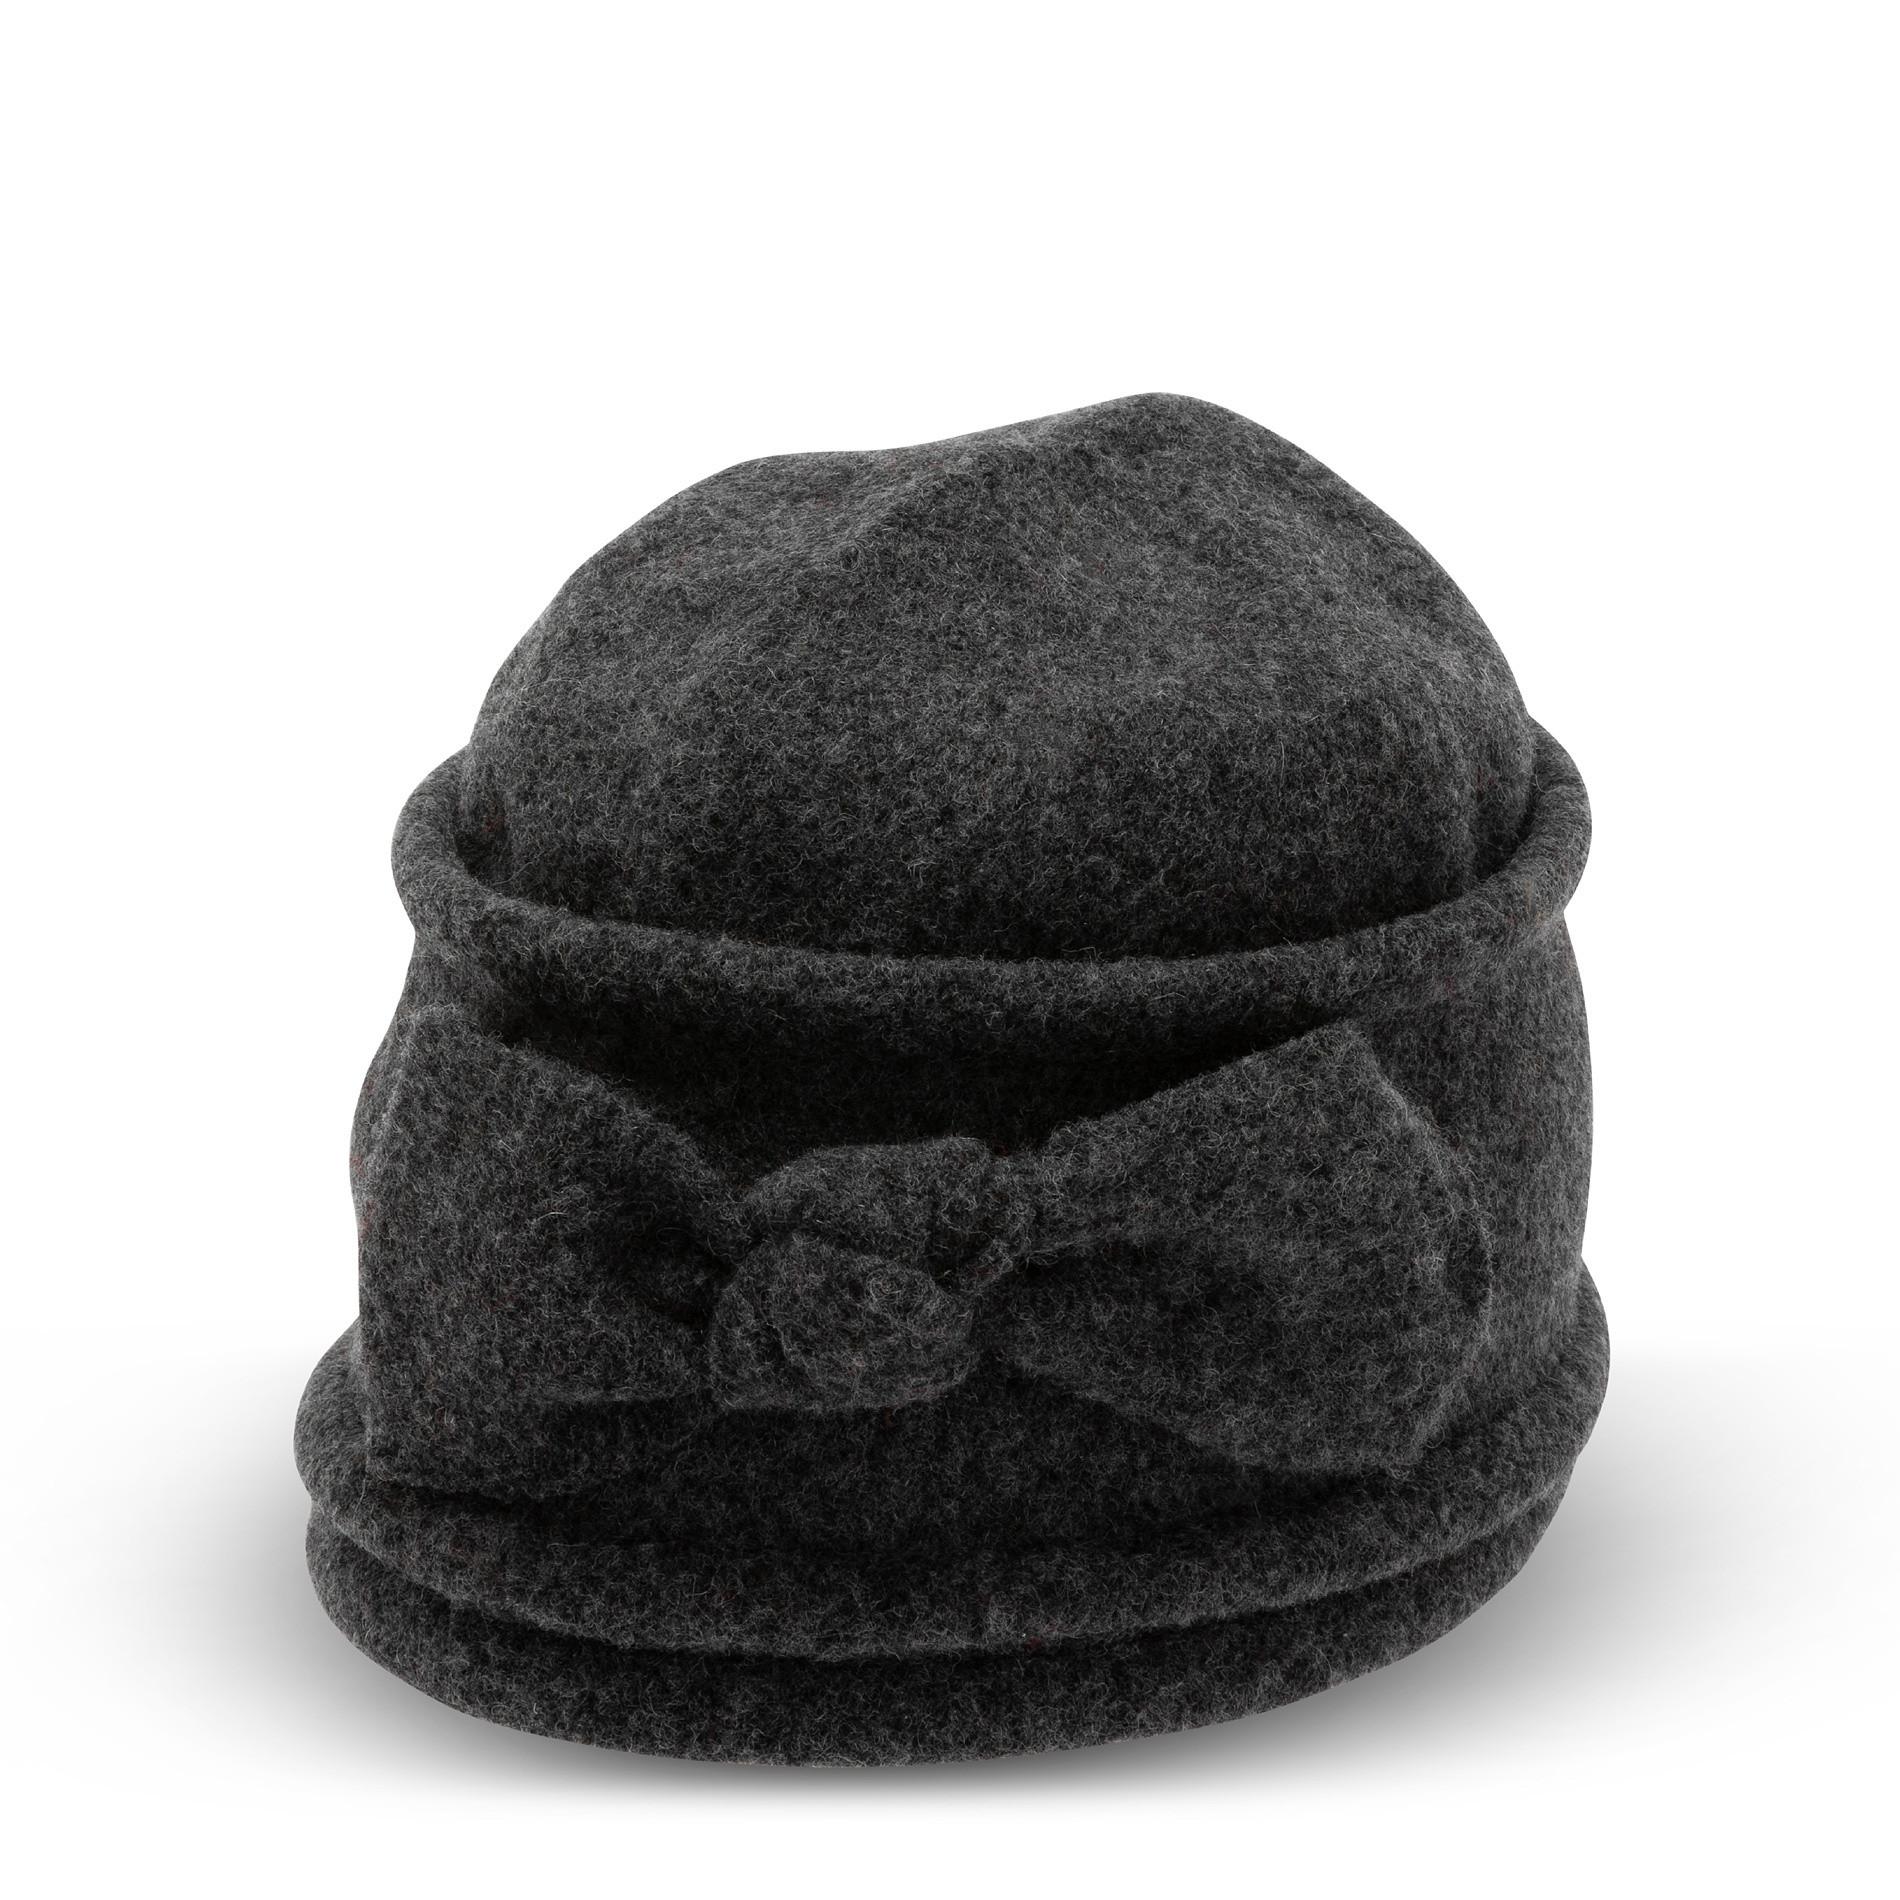 Berretto pura lana con fiocco Koan, Grigio scuro, large image number 0